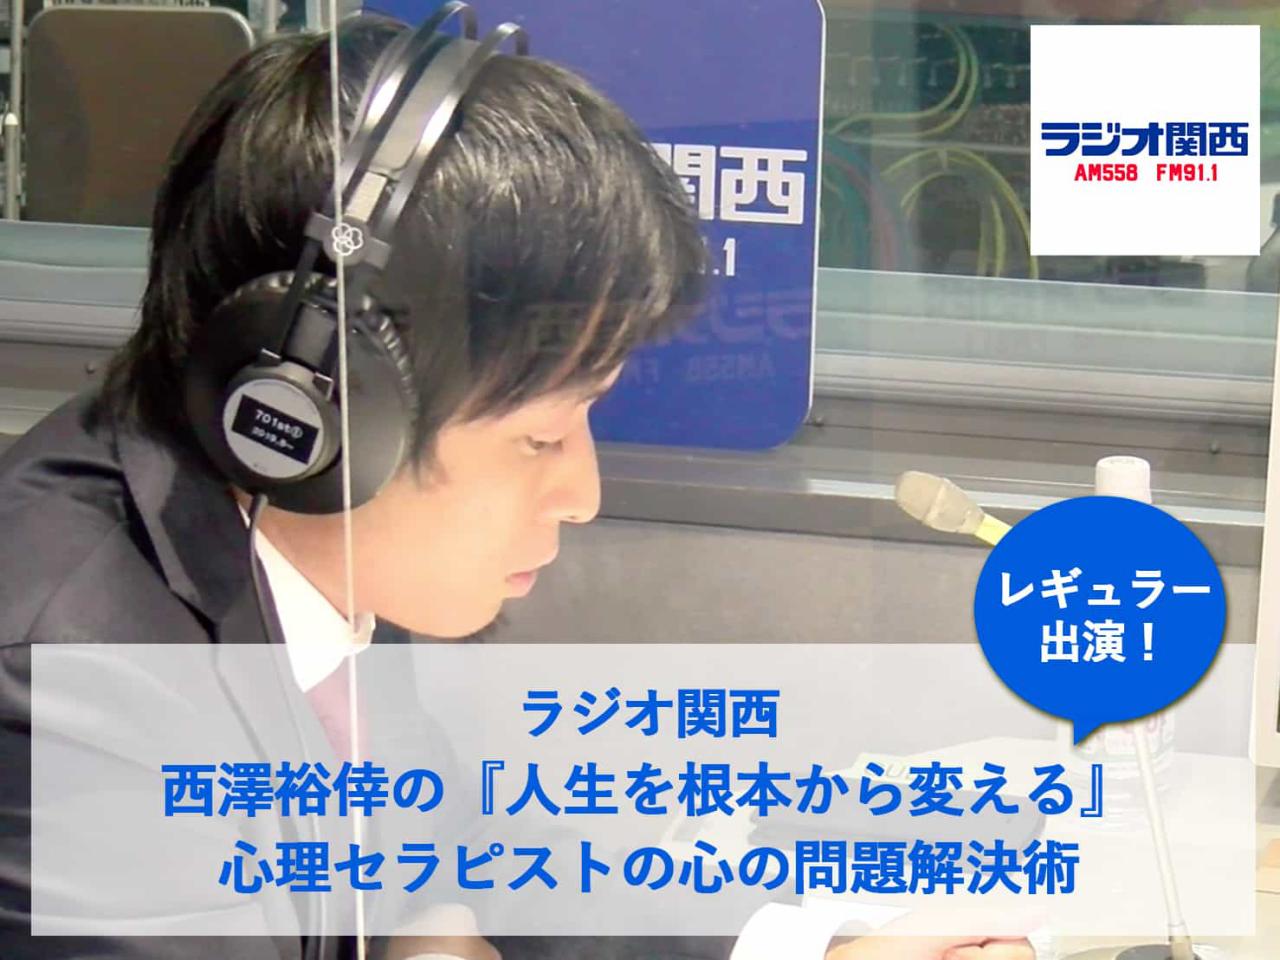 ラジオ関西でパーソナリティーを務める西澤 裕倖